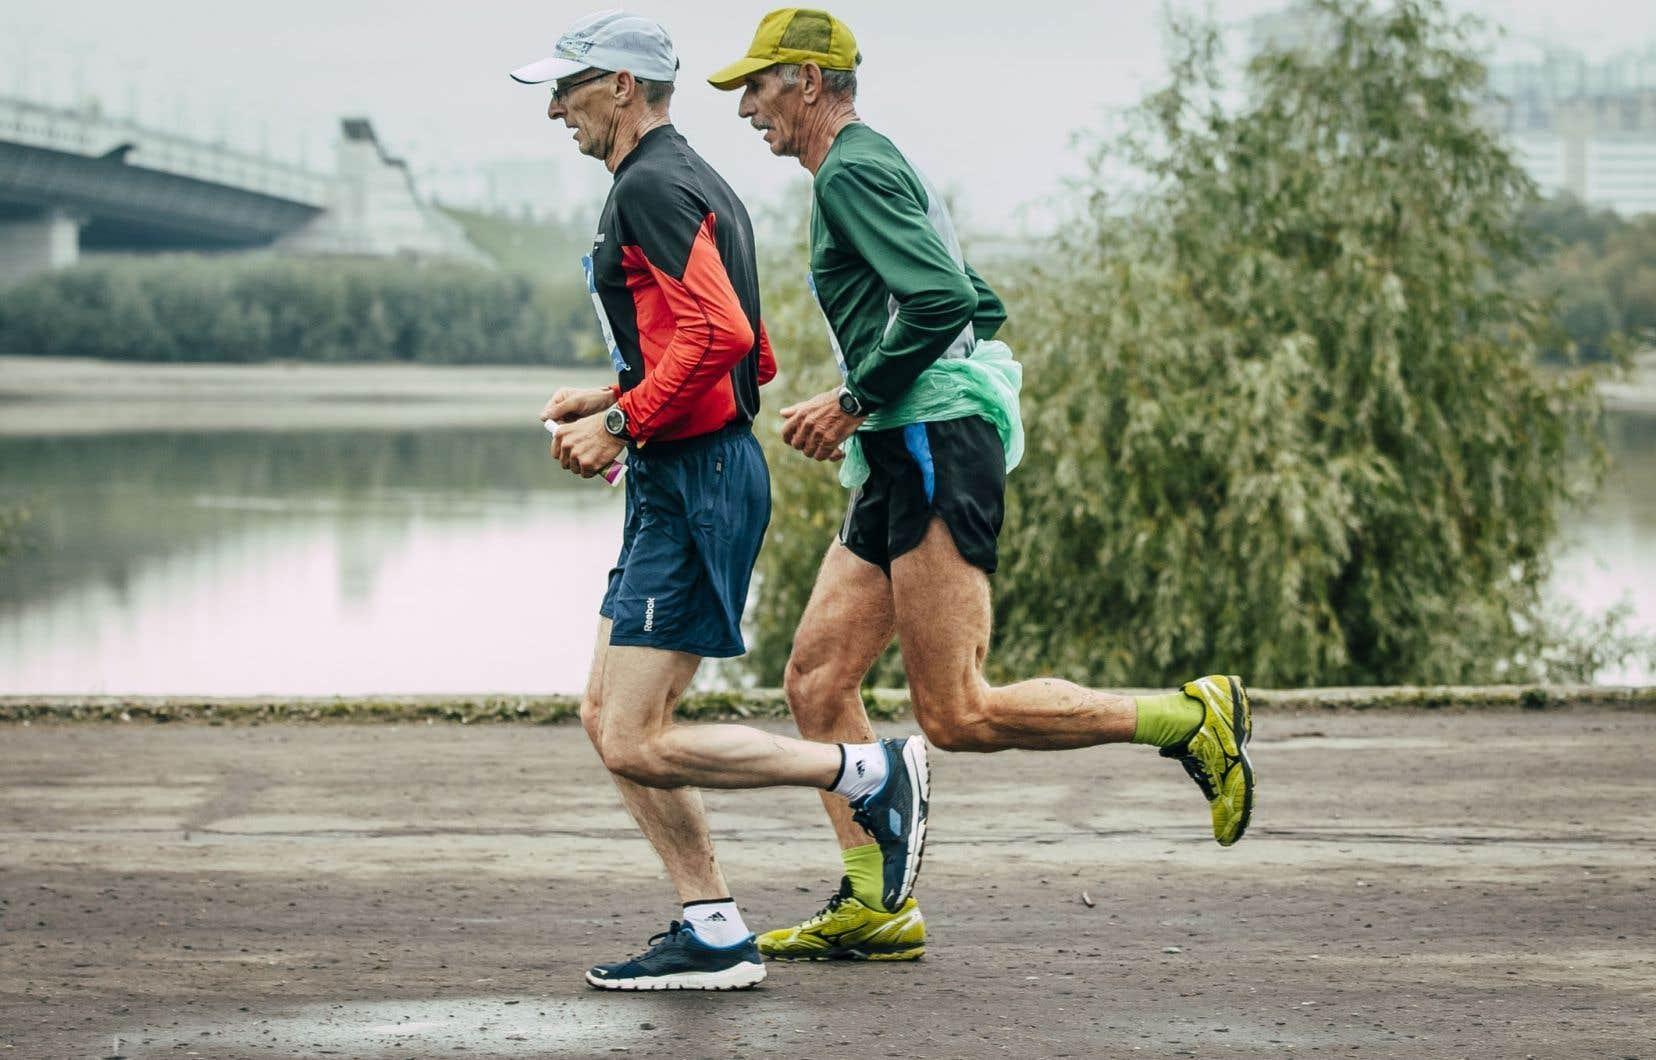 L'activité physique joue un rôle préventif important pour tous les adultes face au cancer.